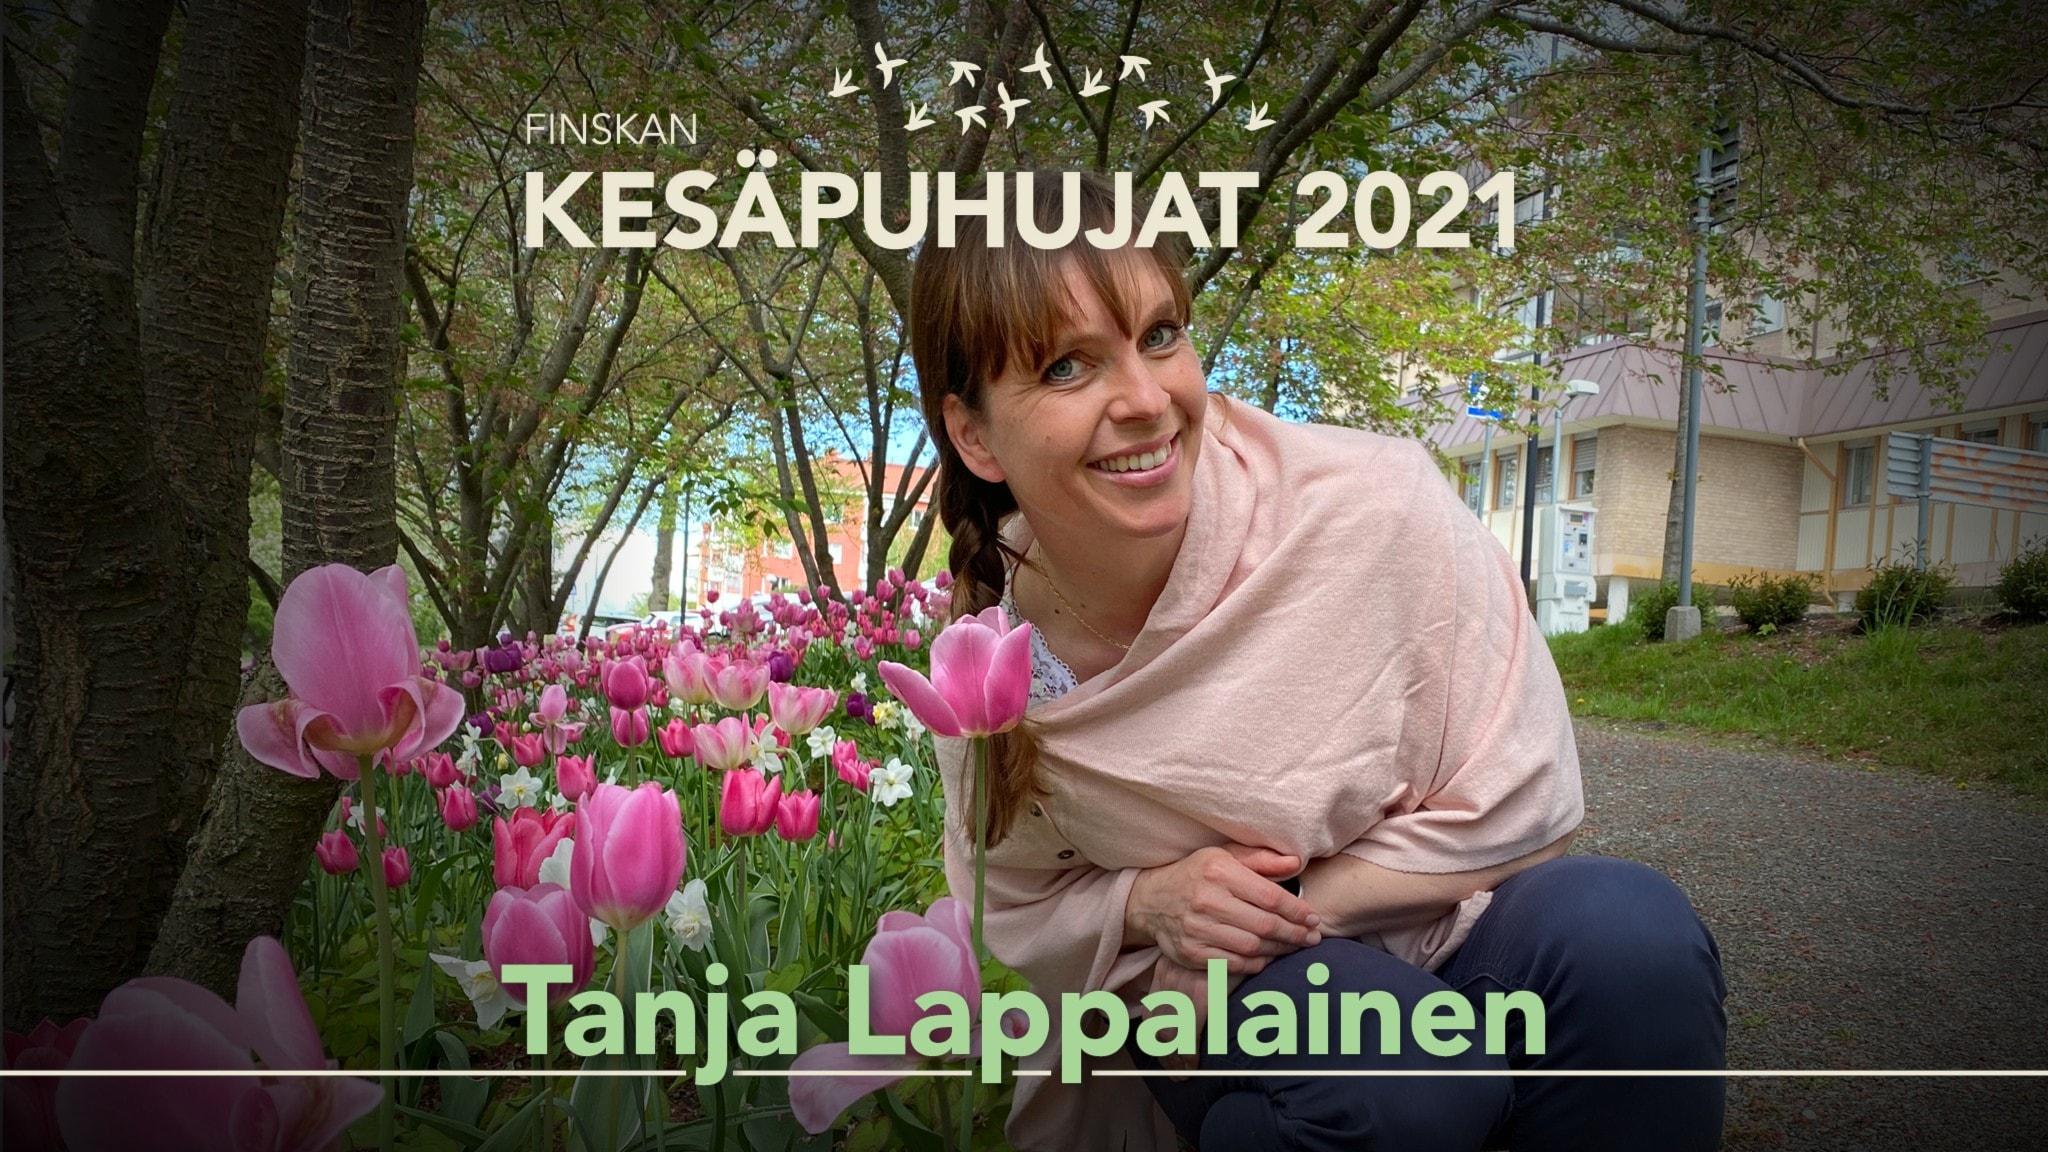 Tanja Lappalainen